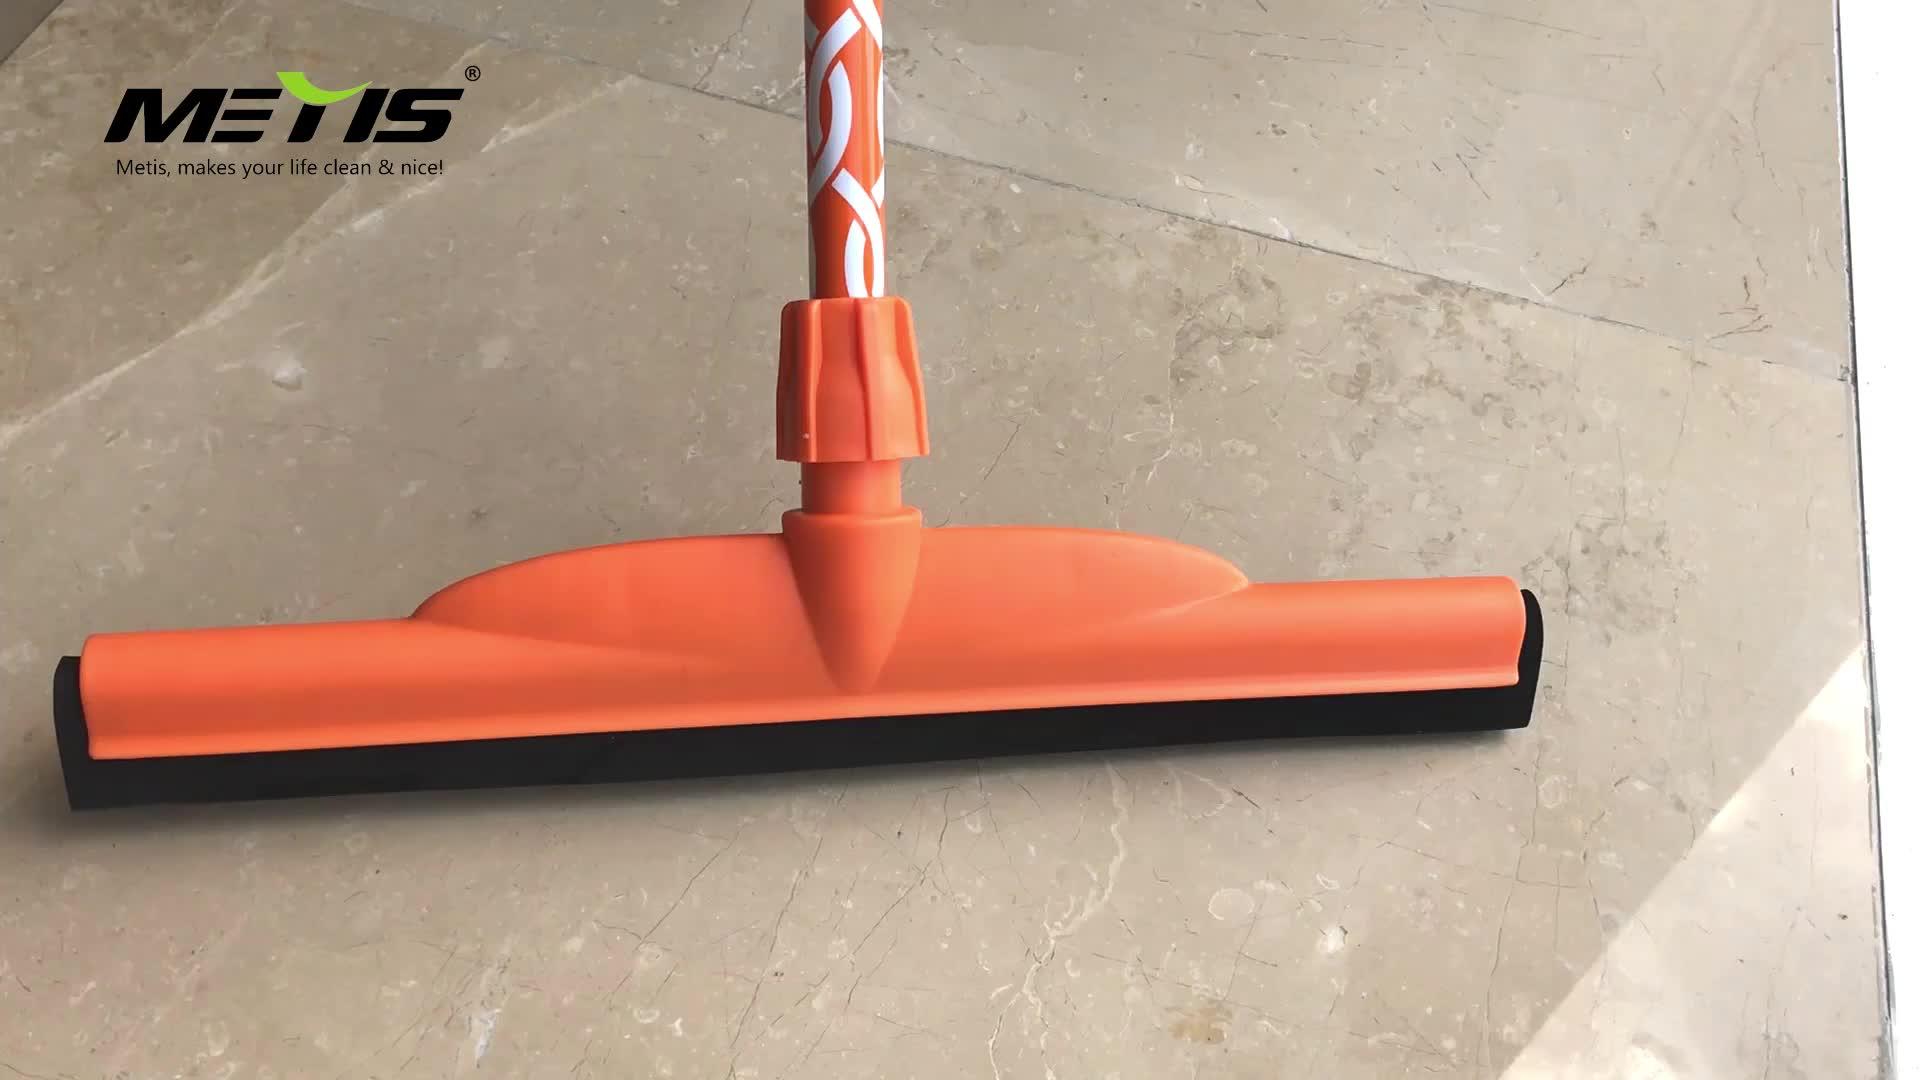 43cm 502-T2-Bodenwischer für industrielle Kunststoff-Bodenrakel